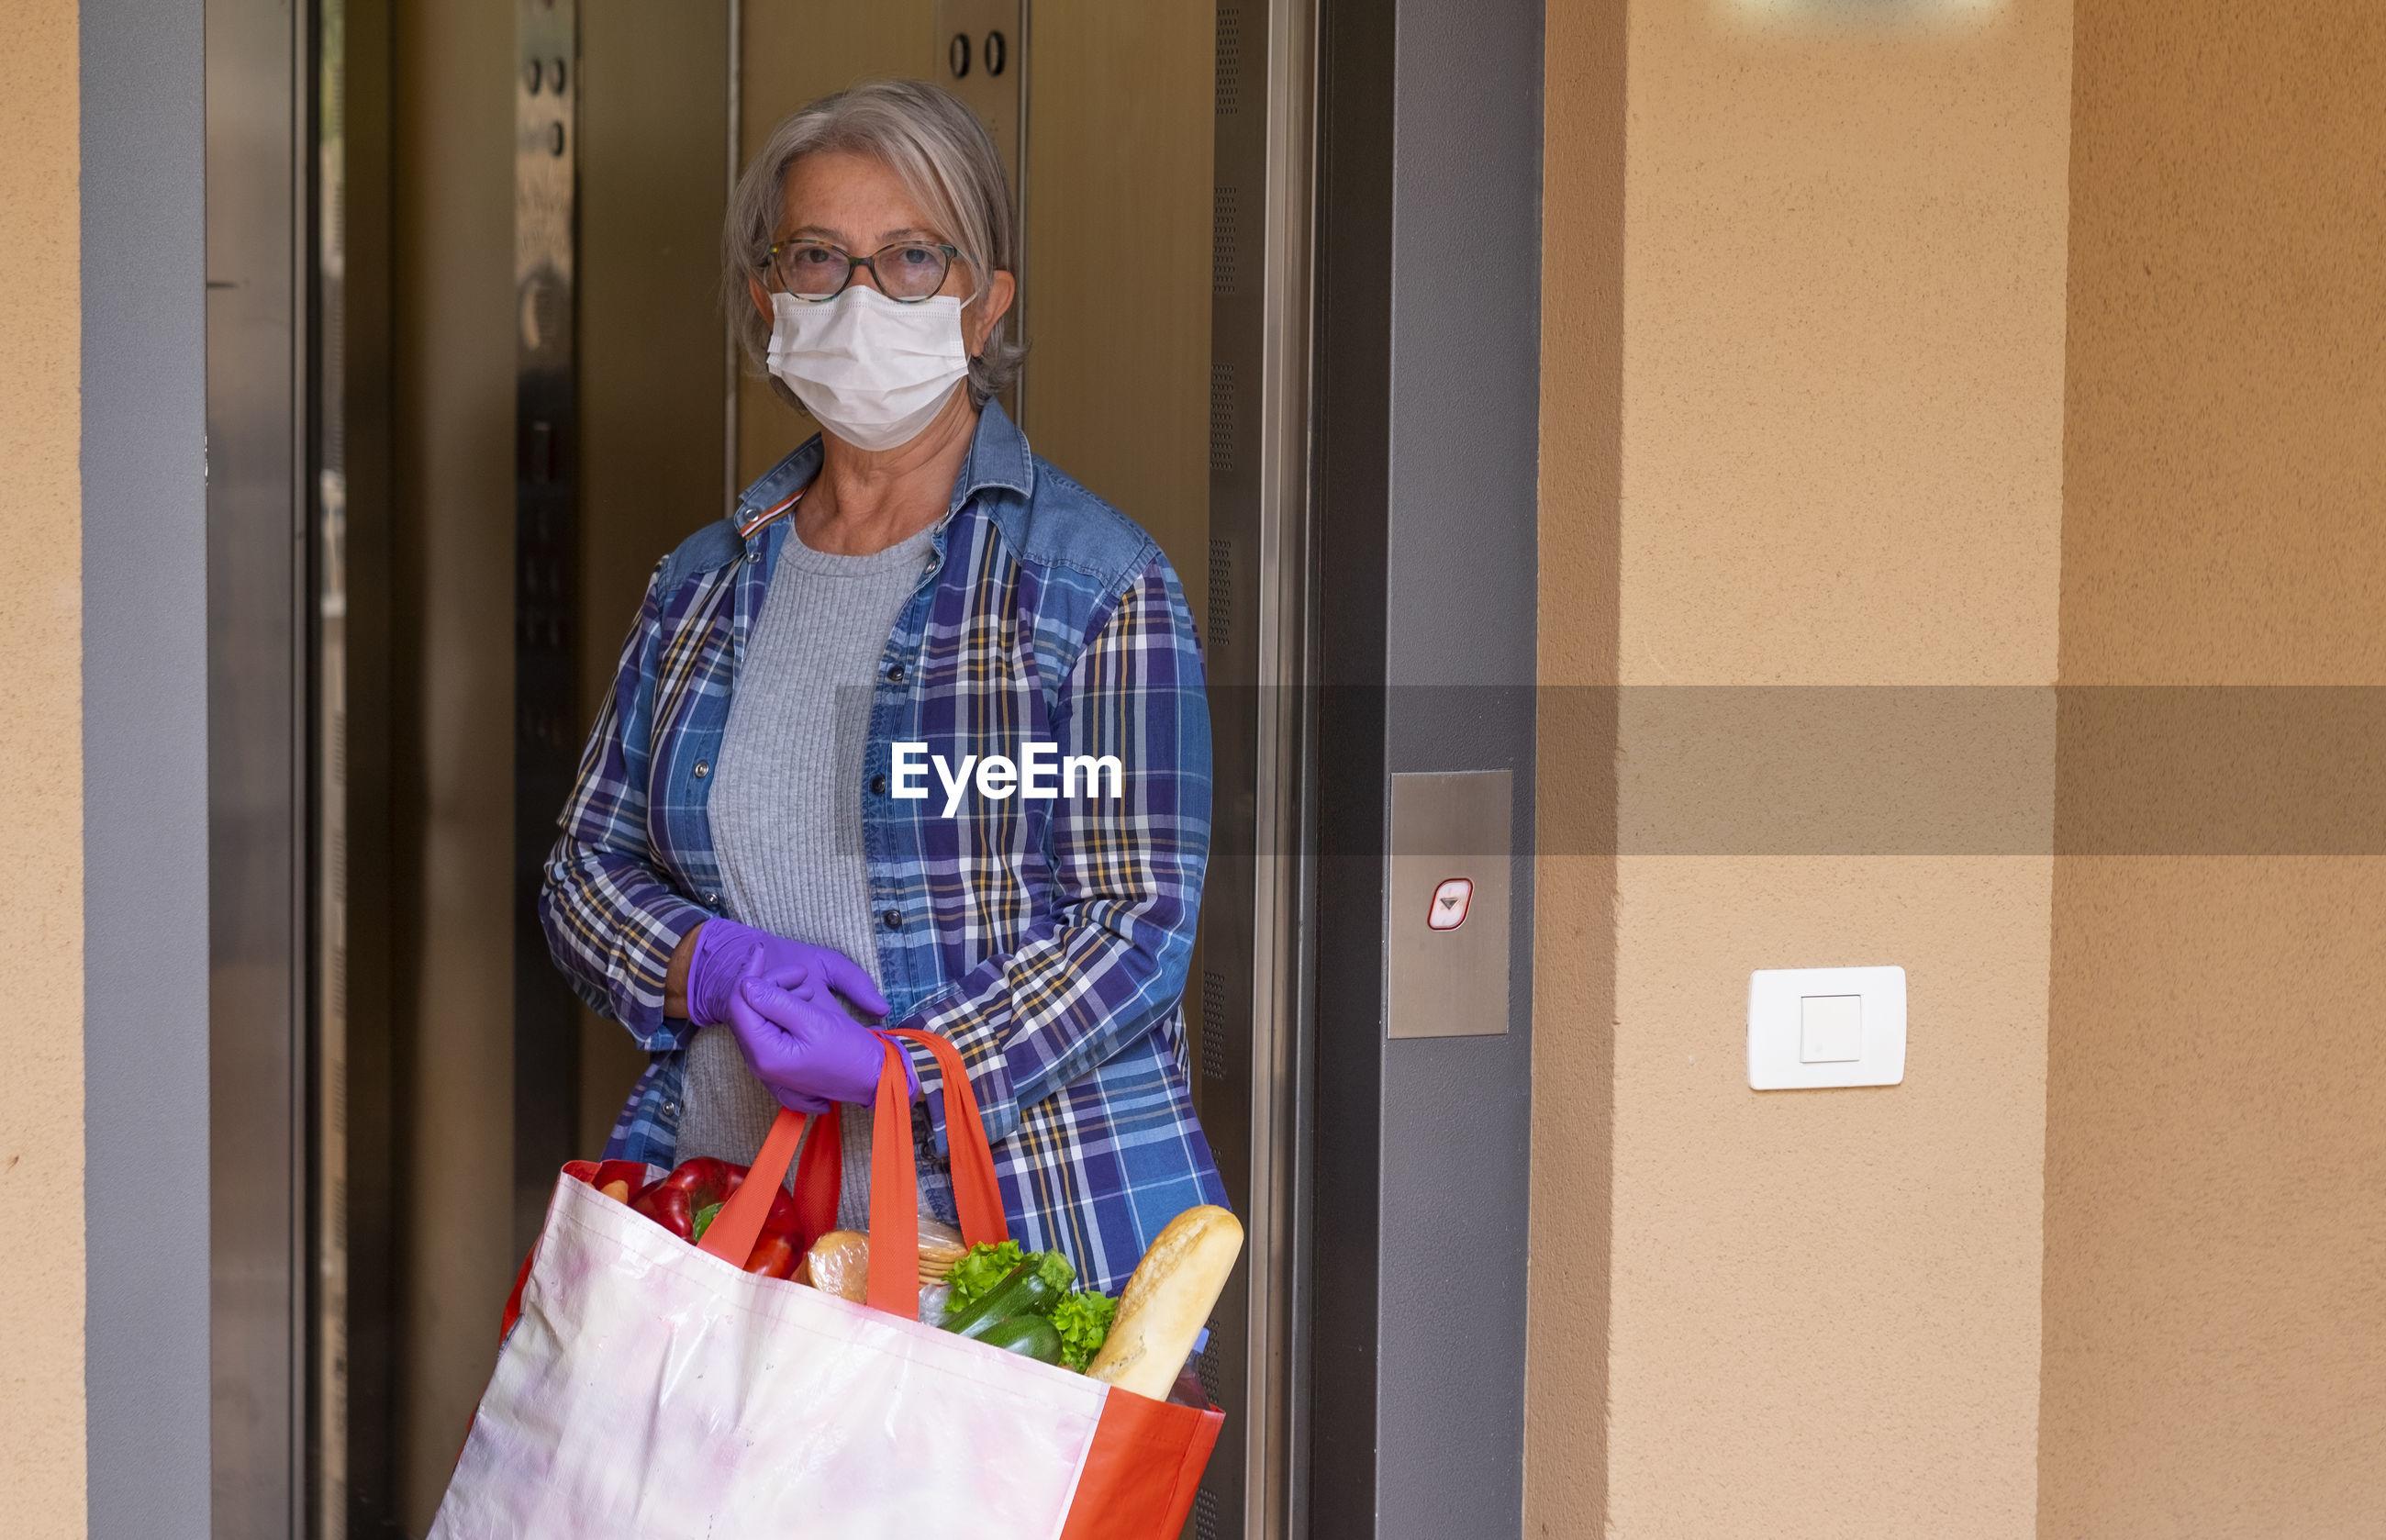 Portrait of senior woman standing on doorway